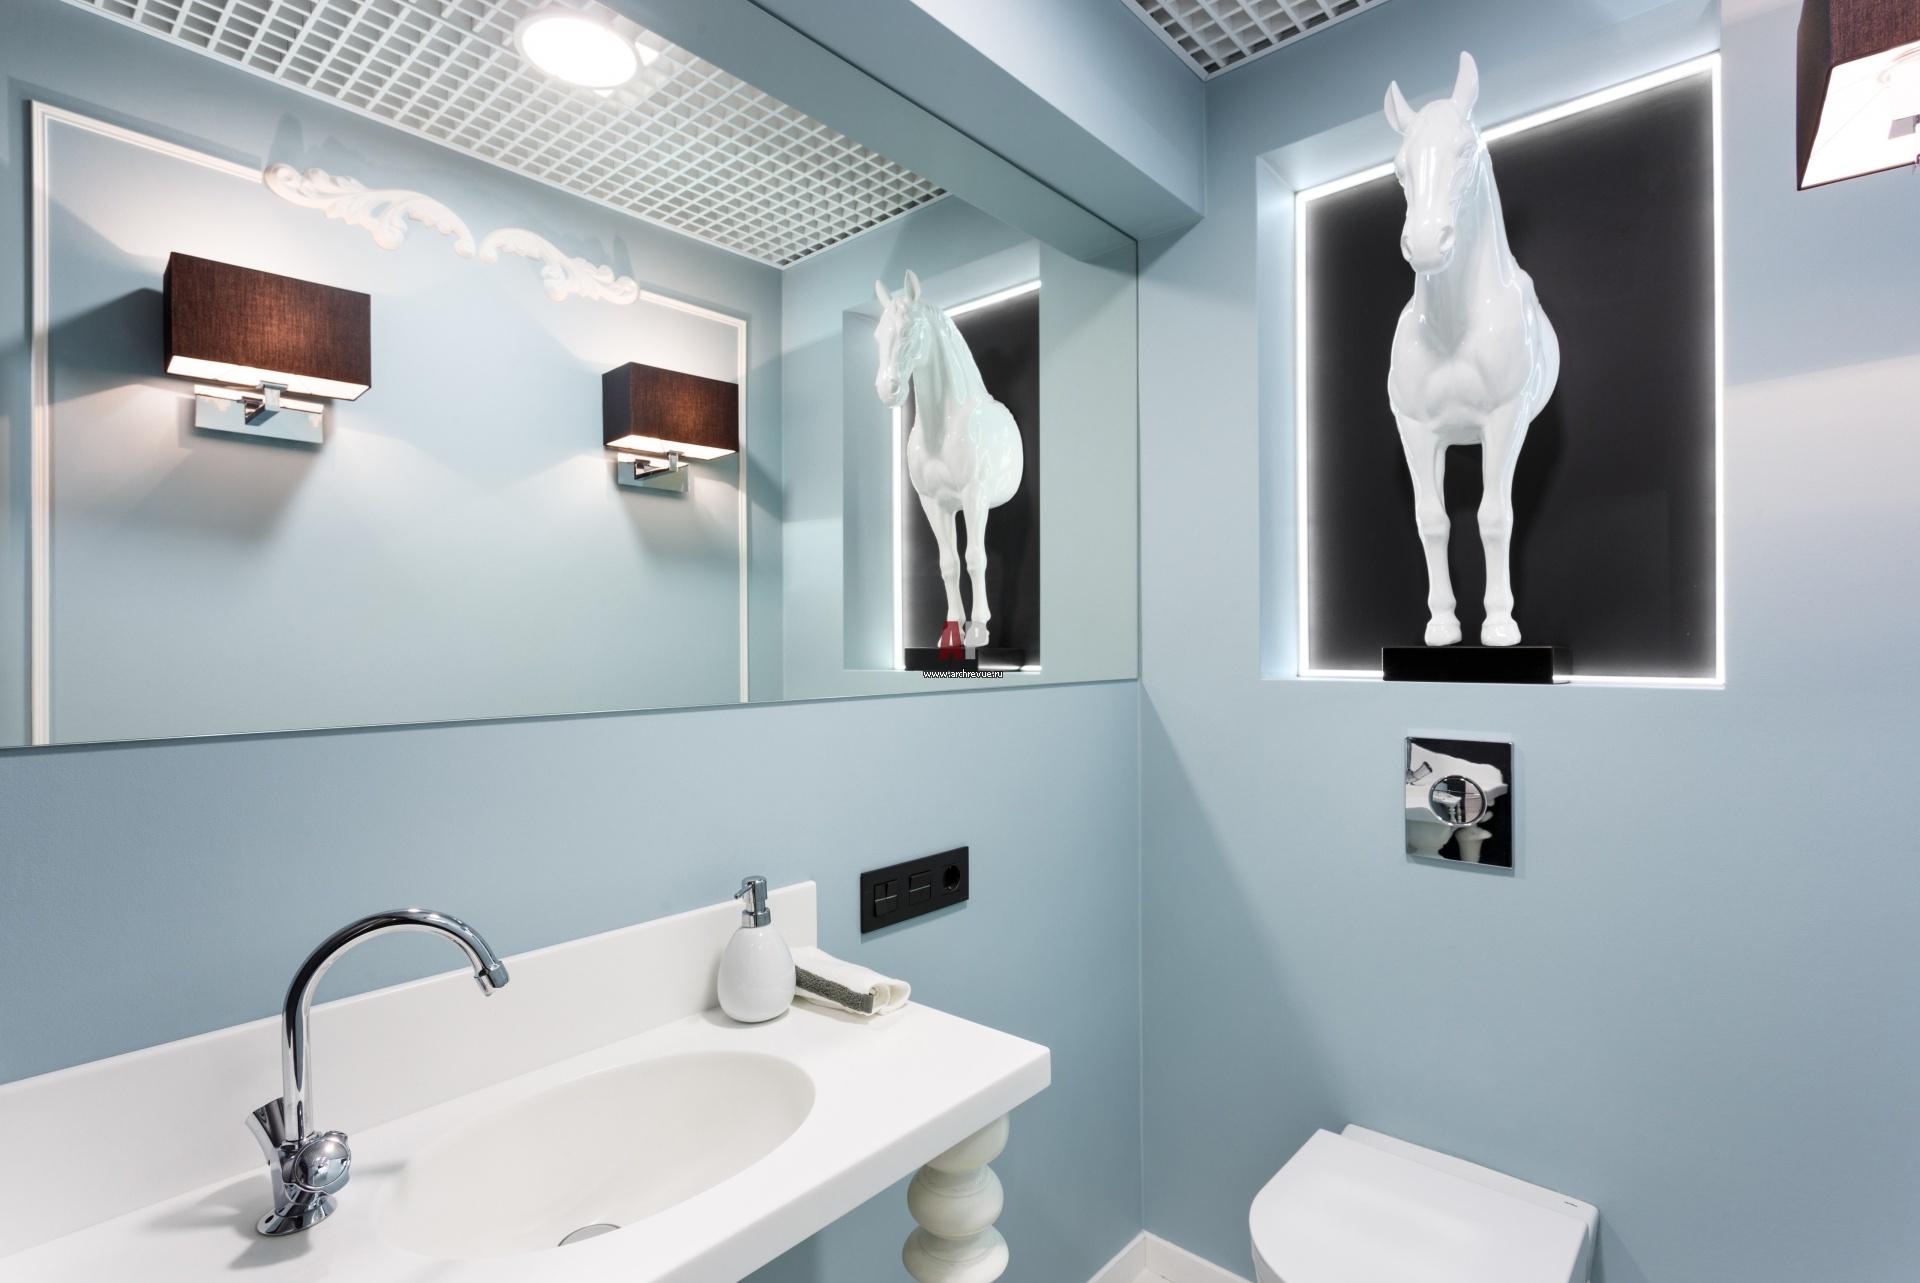 Туалеты в офисе, Туалет в офисе какаем и писаем на работе 25 фотография